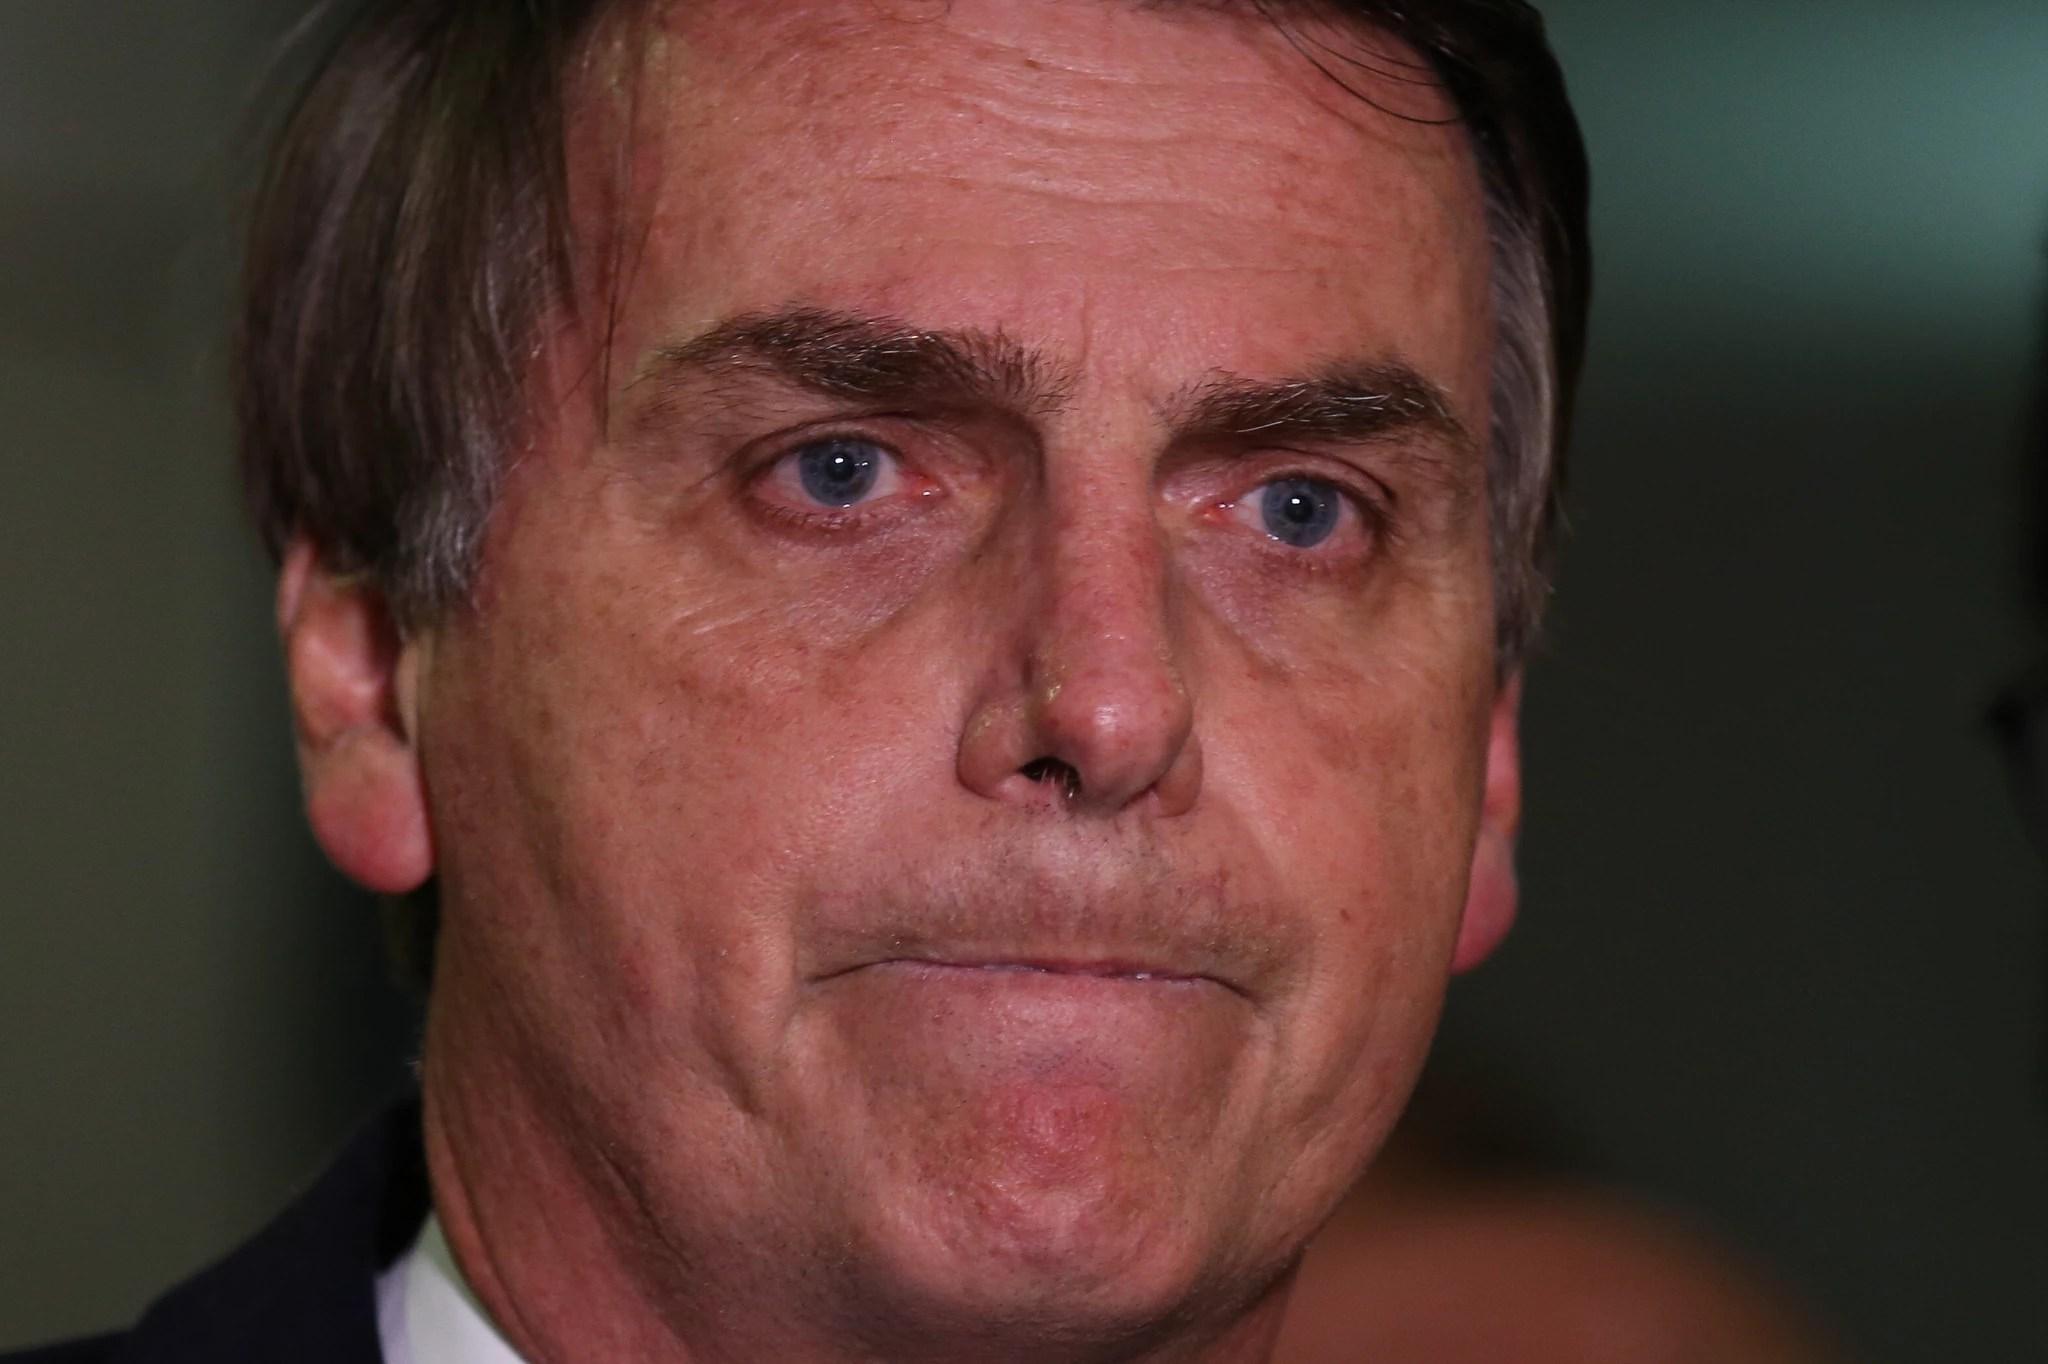 O deputado federal Jair Bolsonaro (PSL) fez afirmação falsa sobre o envolvimento de Fernando Haddad em produção de material contra homofobia